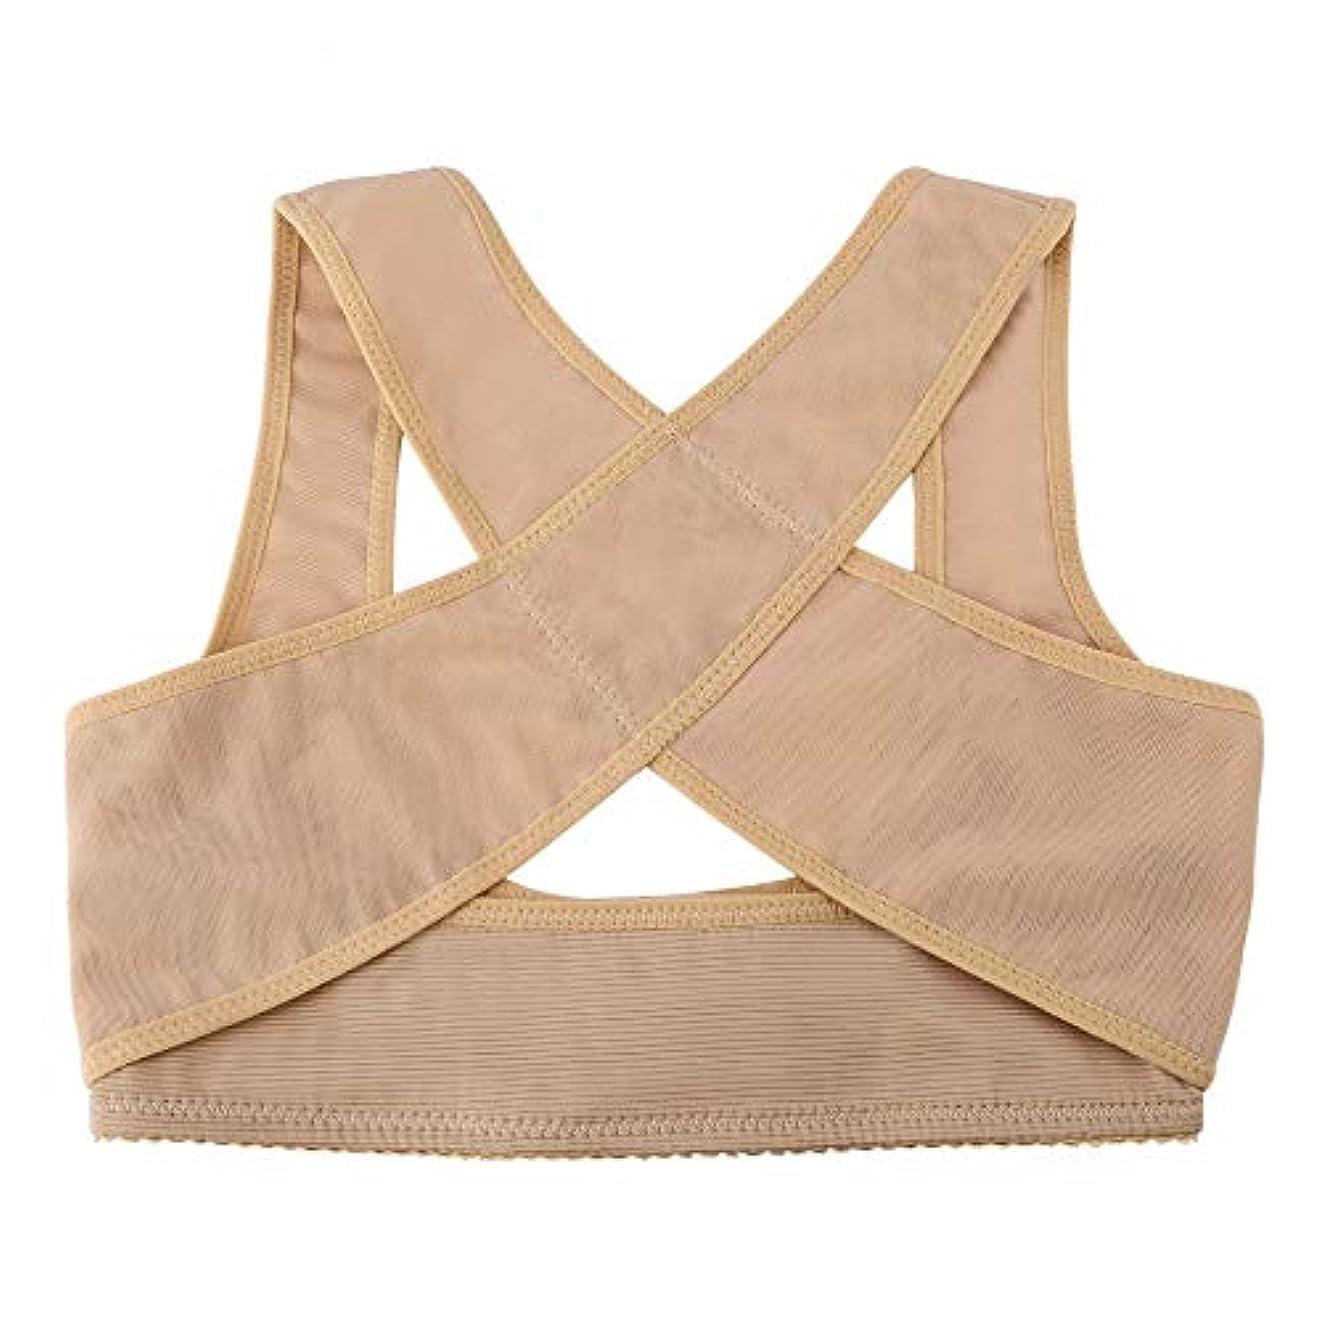 チャンスフィールド模索調節可能な伸縮性がある背部女性ベルトサポート姿勢補正装置支柱サポート姿勢肩補正装置ヘルスケア